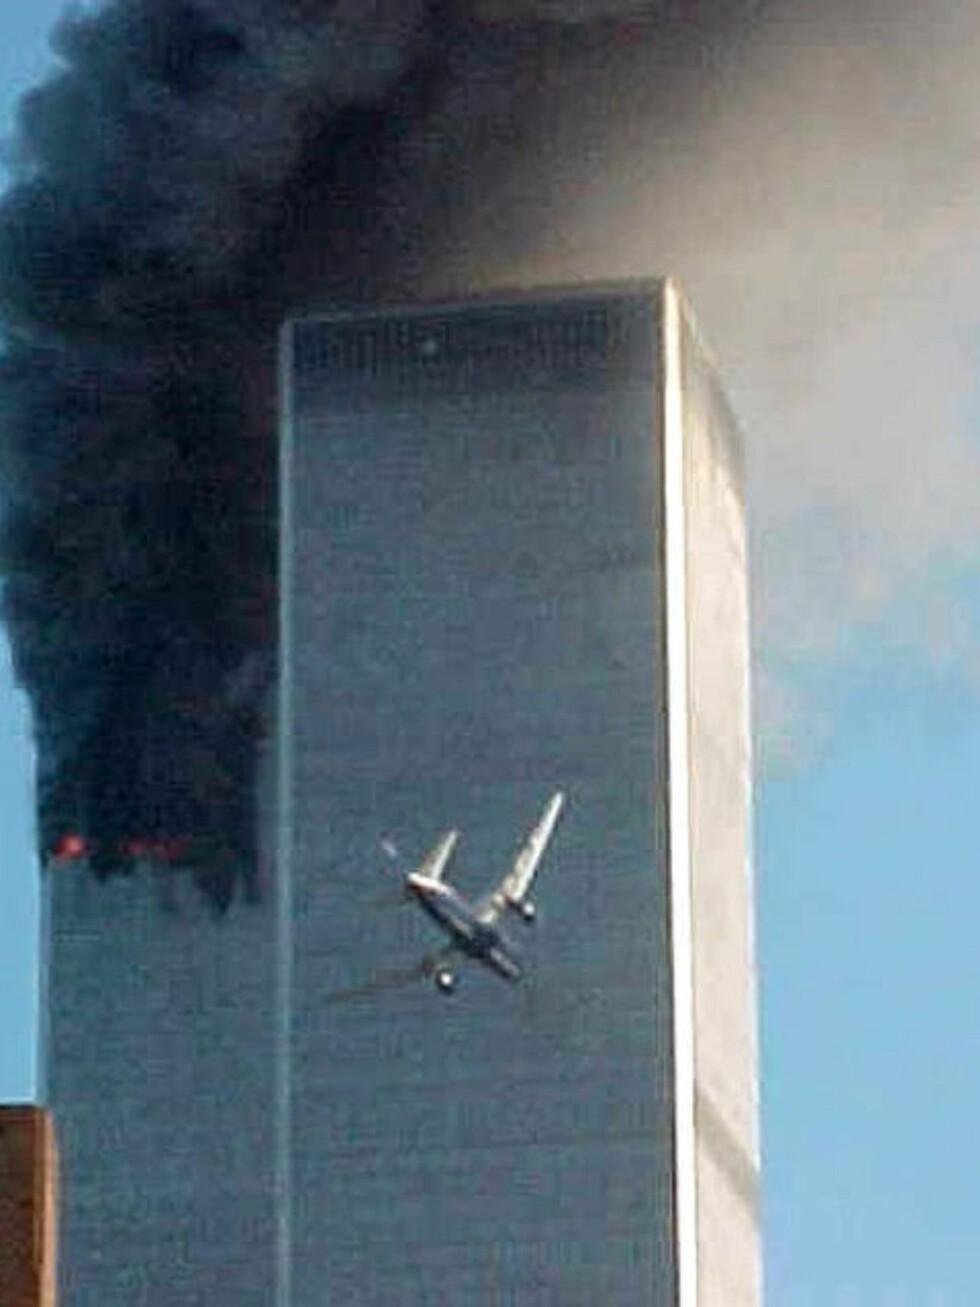 3000 DREPT: Det andre flyet, United Airlines Flight 175, er på vei inn i det sørlige tårnet av World Trade Center, morgenen 11. september 2001. Tilsammen døde nærmere 3000 mennesker i angrepene på WTC og Pentagon. Foto: Carmen Taylor/AP/Scanpix